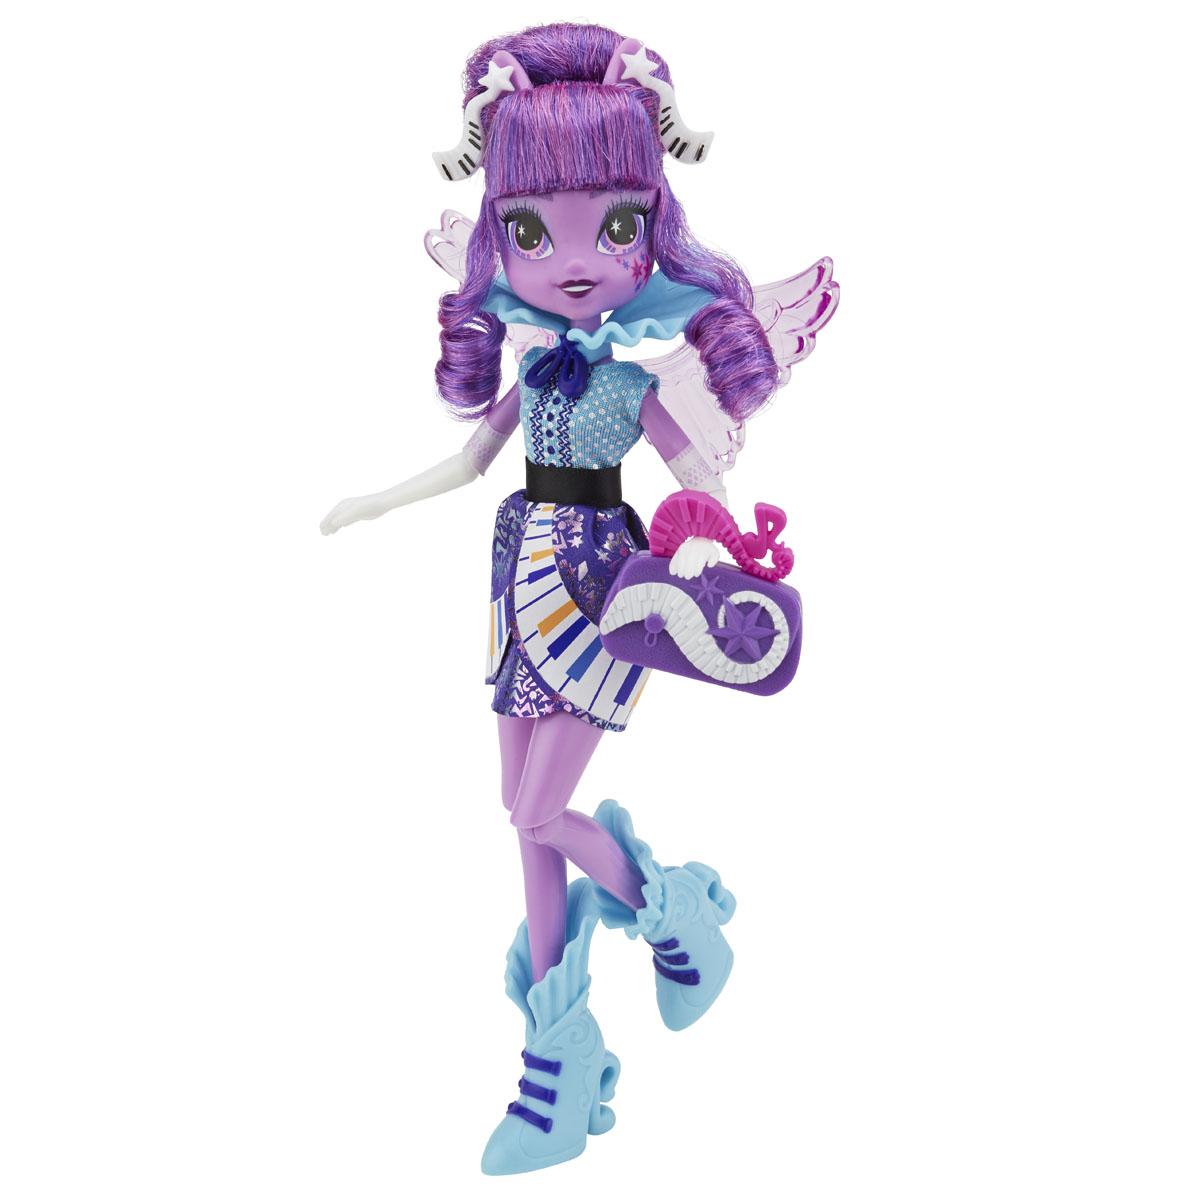 My Little Pony Кукла Rockin Hairstyle Твайлайт СпарклB1036EU40_B1037Куклы пони-девочки из мультфильма Equestria Girl (Девочки из Эквестрии) - это удивительные и очаровательные куклы, которых так давно ждали ценители маленьких пони. В серии Rainbow Rocks все куклы - звезды рок-группы, они очень стильно одеты и шикарно выглядят. Каждая кукла - яркая индивидуальность! Кукла My Little Pony Rockin Hairstyle: Твайлайт Спаркл в точности повторяет внешний вид героини из мультфильма. Кукла выполнена в виде девочки-пони Твайлайт Спаркл. Ее эффектный образ создан специально для выступления на рок-концерте. Фиолетовые волосы куклы уложены в стильную прическу. Куколка одета в синее платье, украшенное блестящими узорами, на ногах у нее - голубые полусапожки. Завершают образ рок-звезды прозрачные крылышки за спиной и оригинальная сумочка. В комплект также входит заколка с прядкой разноцветных волос, которую девочка сможет носить сама, или использовать для украшения куклы. Ручки и ножки куколки подвижны и сгибаются в локтях и коленях,...